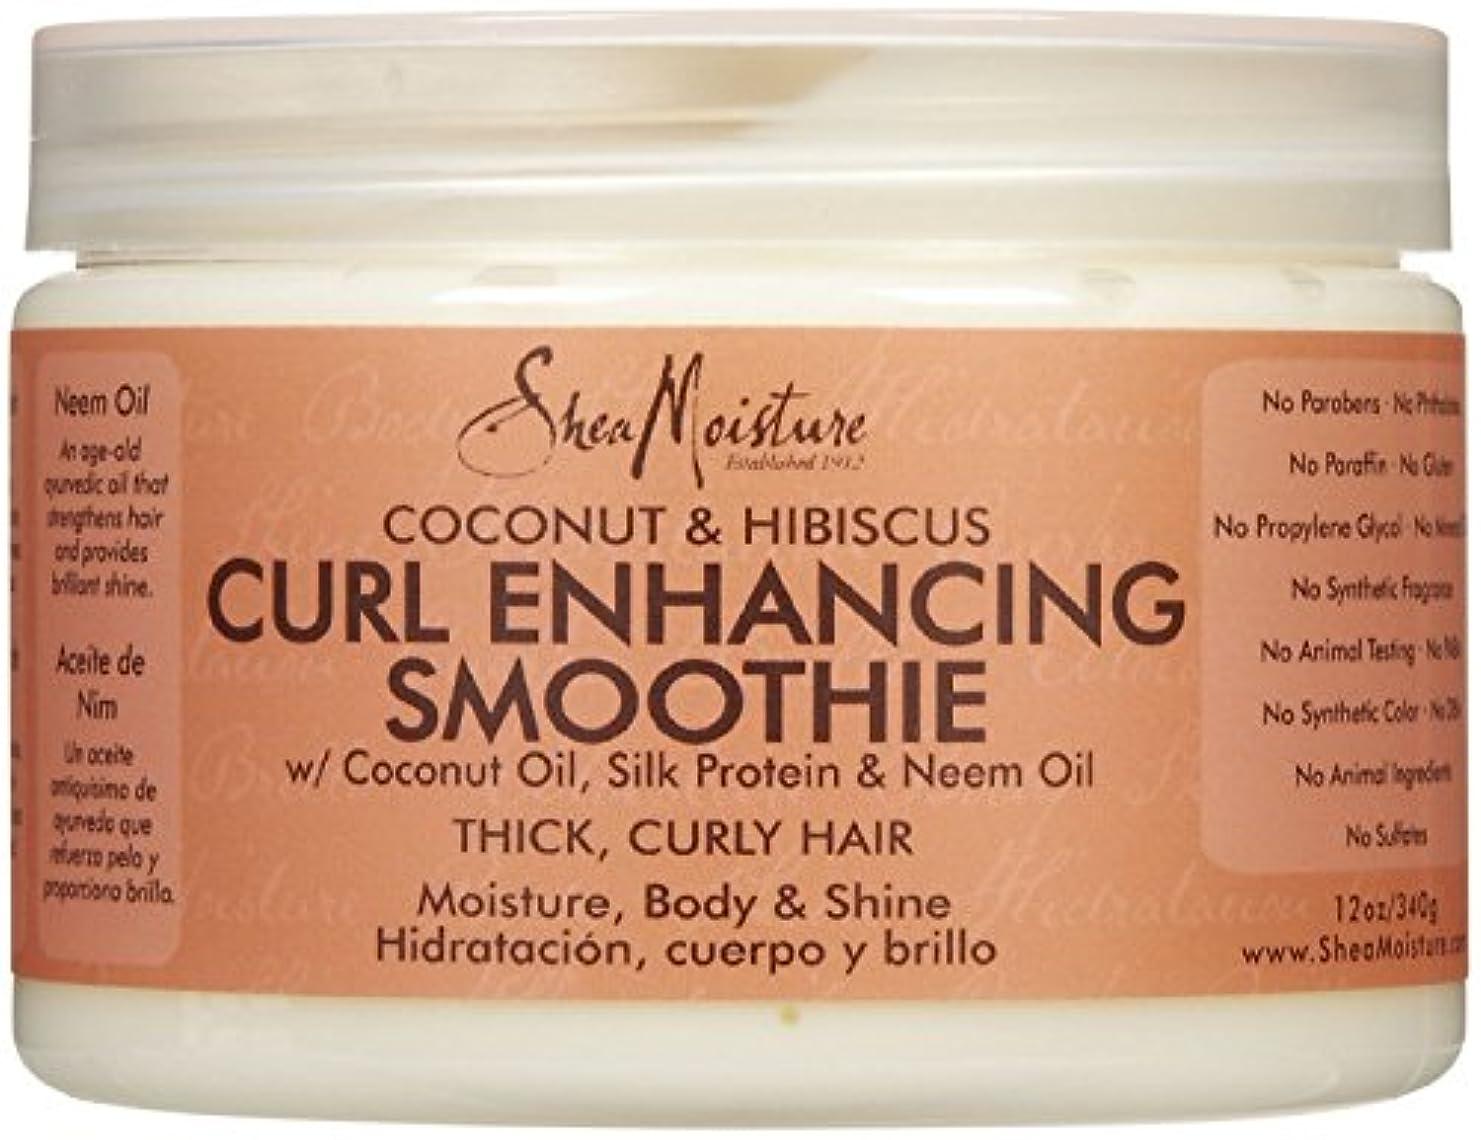 違う販売計画大きさシーモイスチャー Shea Moisture Coconut Hibiscus Curl Enhancing Smoothie ヘアトリートメント